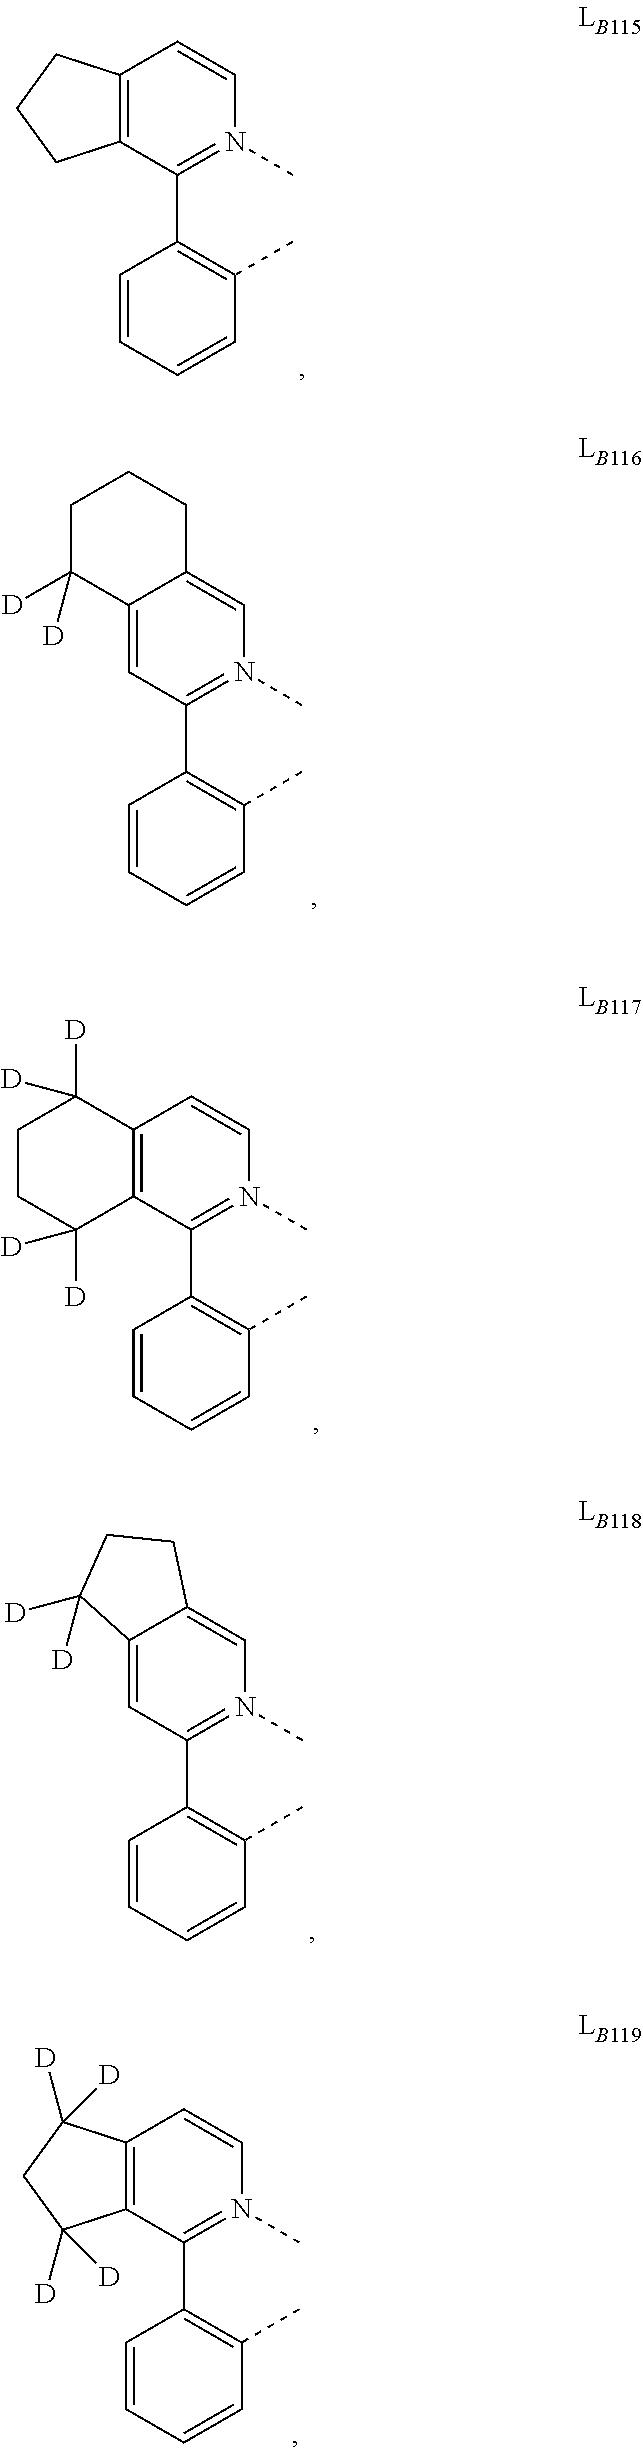 Figure US20160049599A1-20160218-C00520